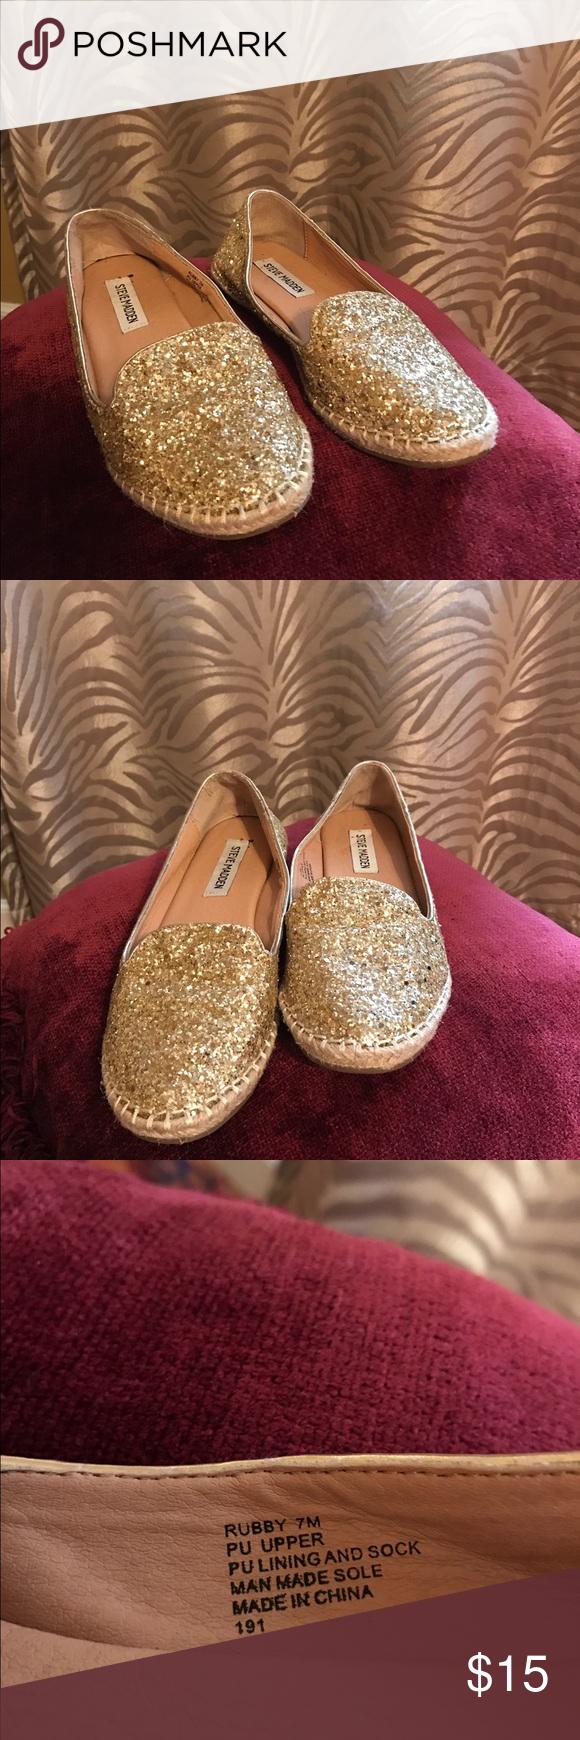 Steve Madden Shoes Steve Madden 'Rubby' Glitter Slip-On Size 7 Steve Madden Shoes Flats & Loafers